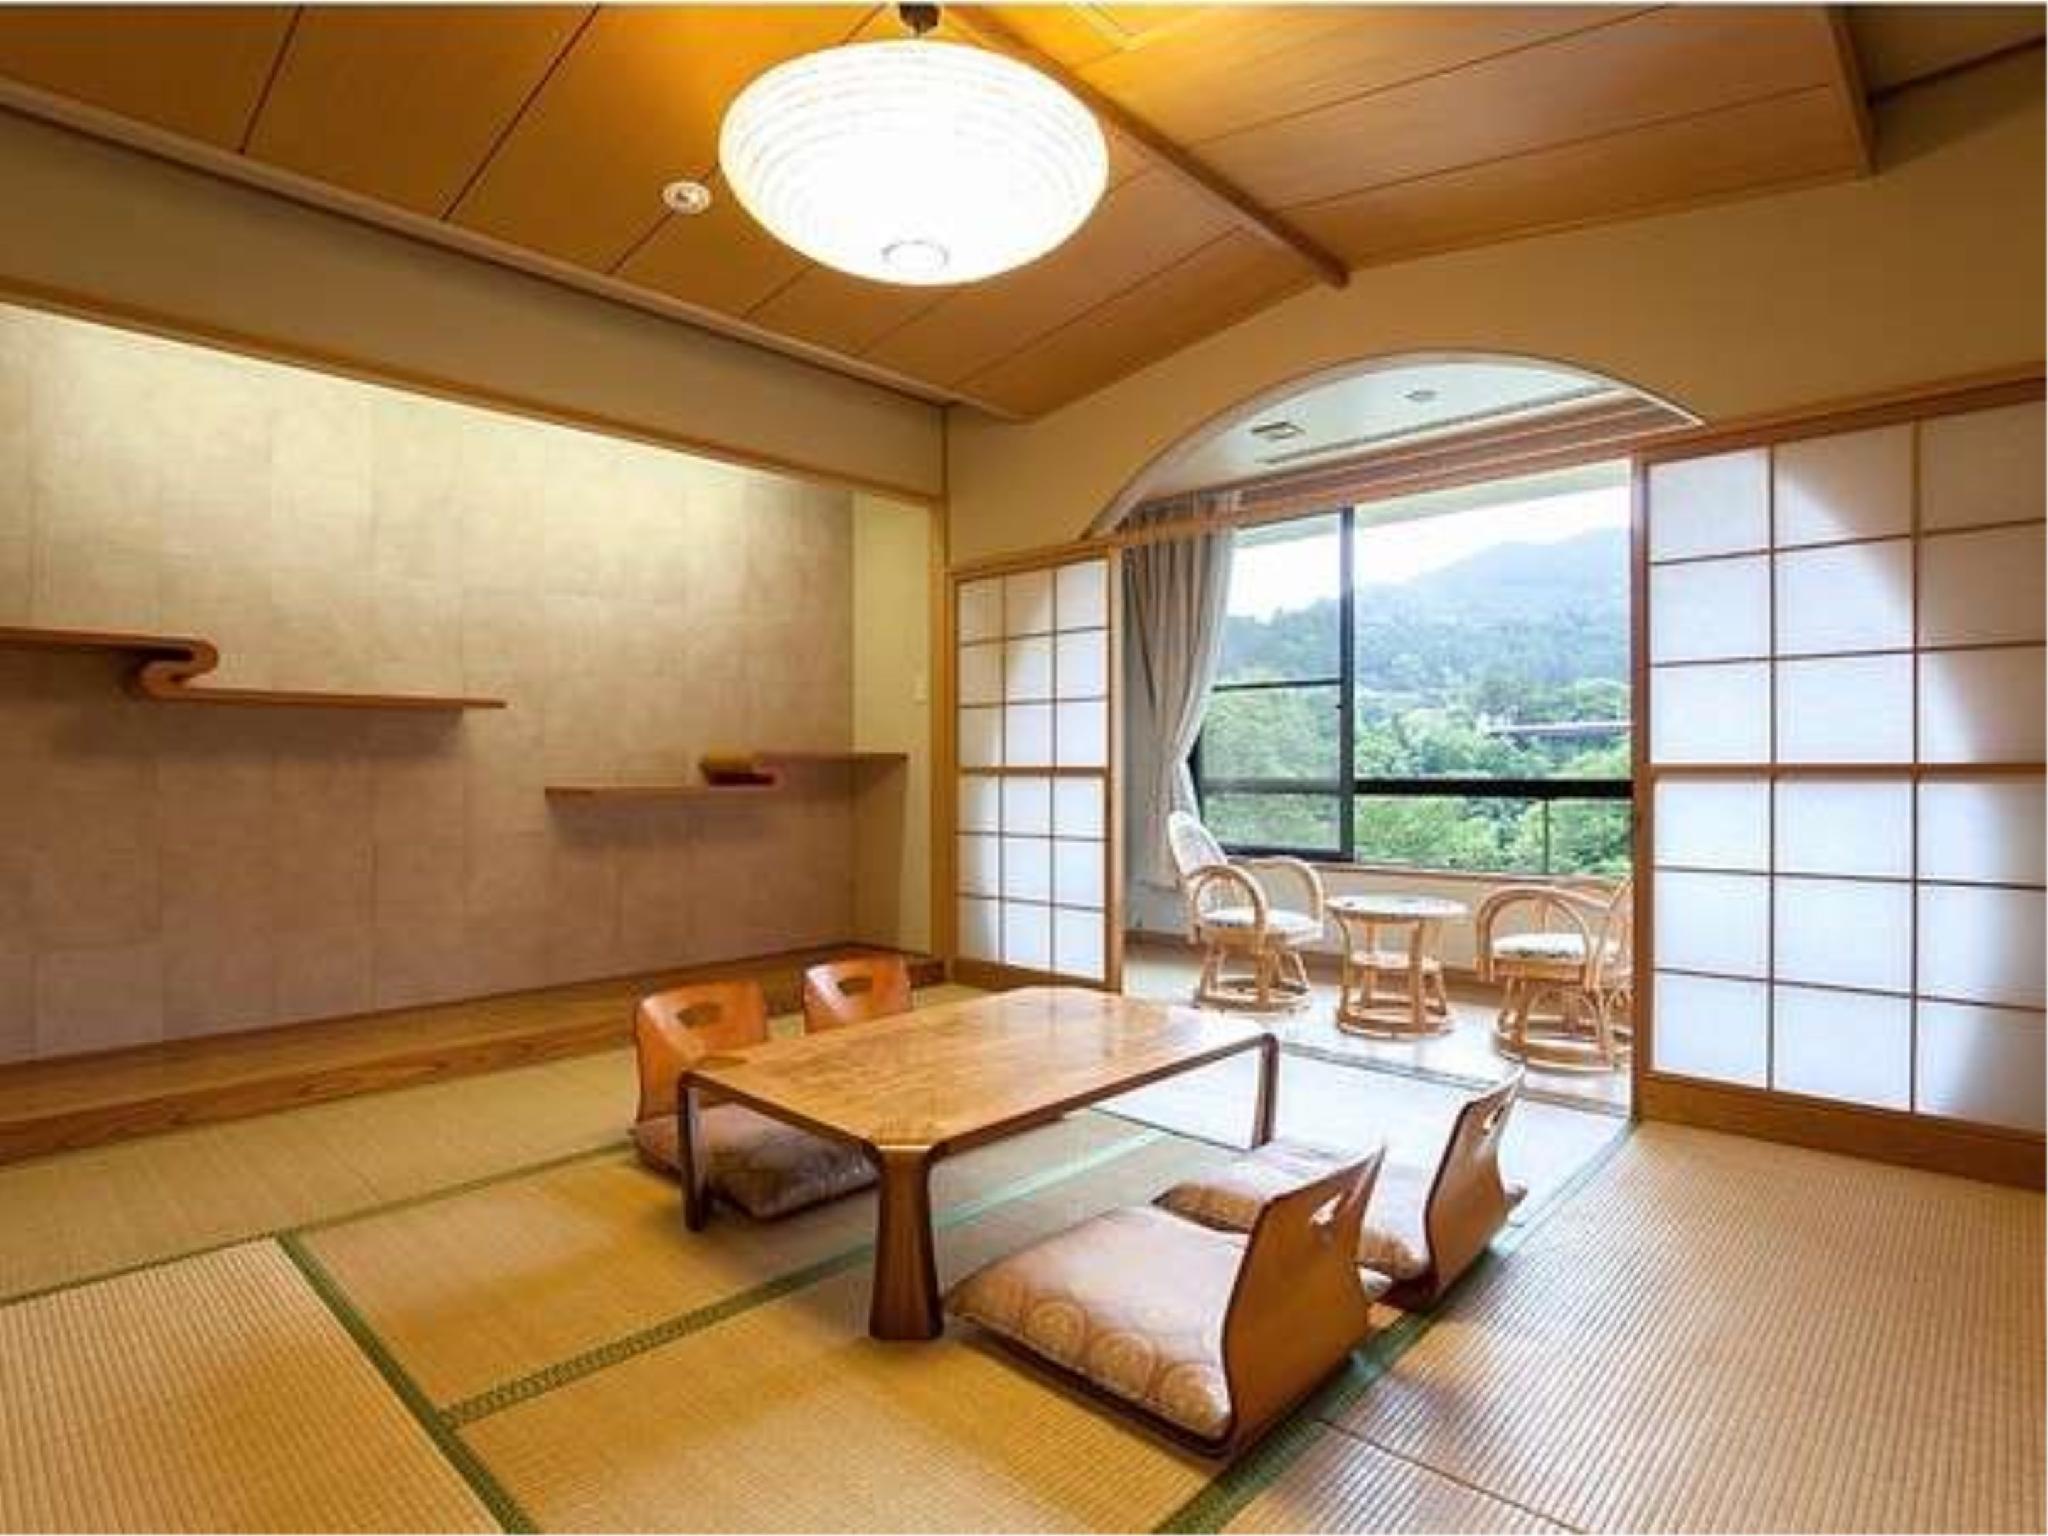 Oumeishigamionsen Seiryuu no Yado Okutamaji , Ōme